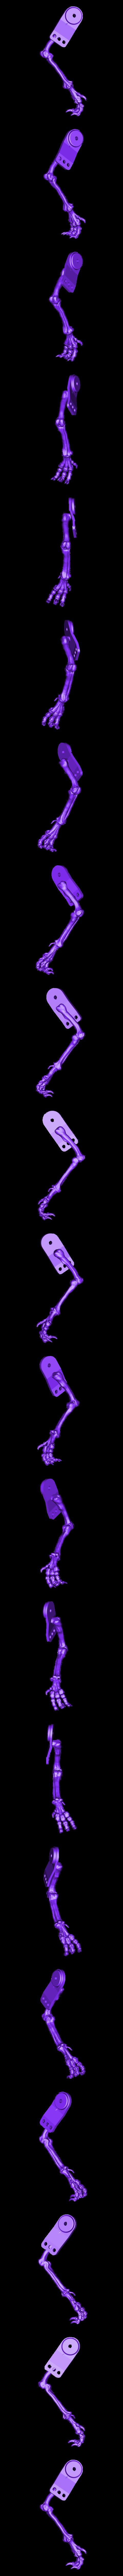 trex_leg_R.stl Télécharger fichier STL gratuit L'Ergosaurus Rex (Poppy Ergo Jr avec des pièces imprimées T-Rex 3D) • Design à imprimer en 3D, PoppyProject